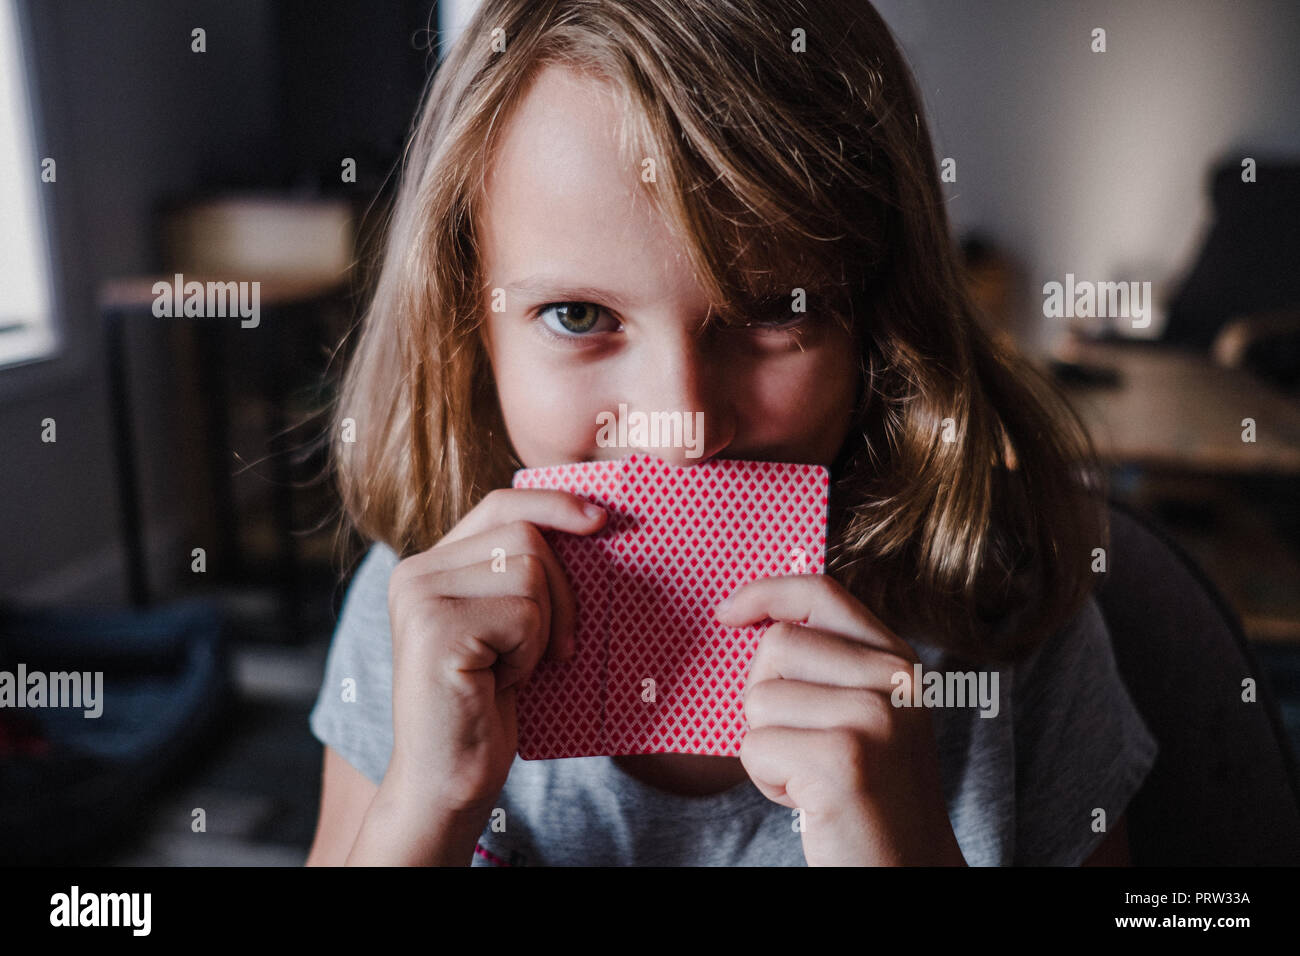 Chica ocultar detrás de naipes en salón, Retrato Imagen De Stock